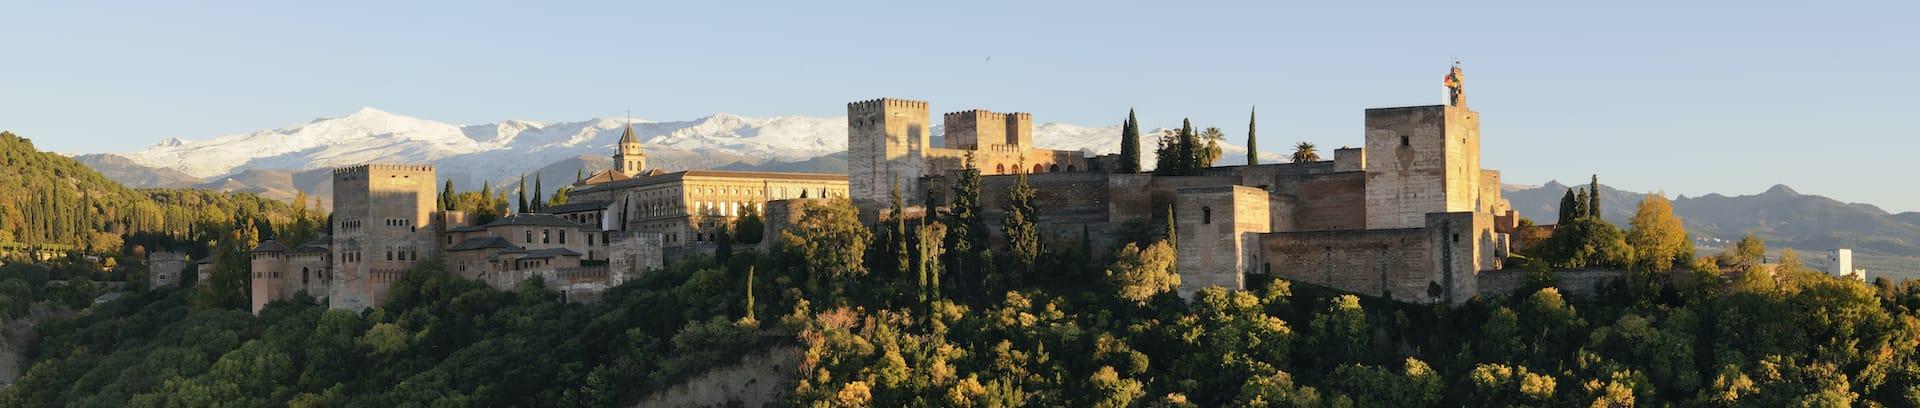 Alhambra de Granada es uno de los palacios-fortaleza mejor conservados del mundo. Patrimonio de la humanidad por la UNESCO desde 1994